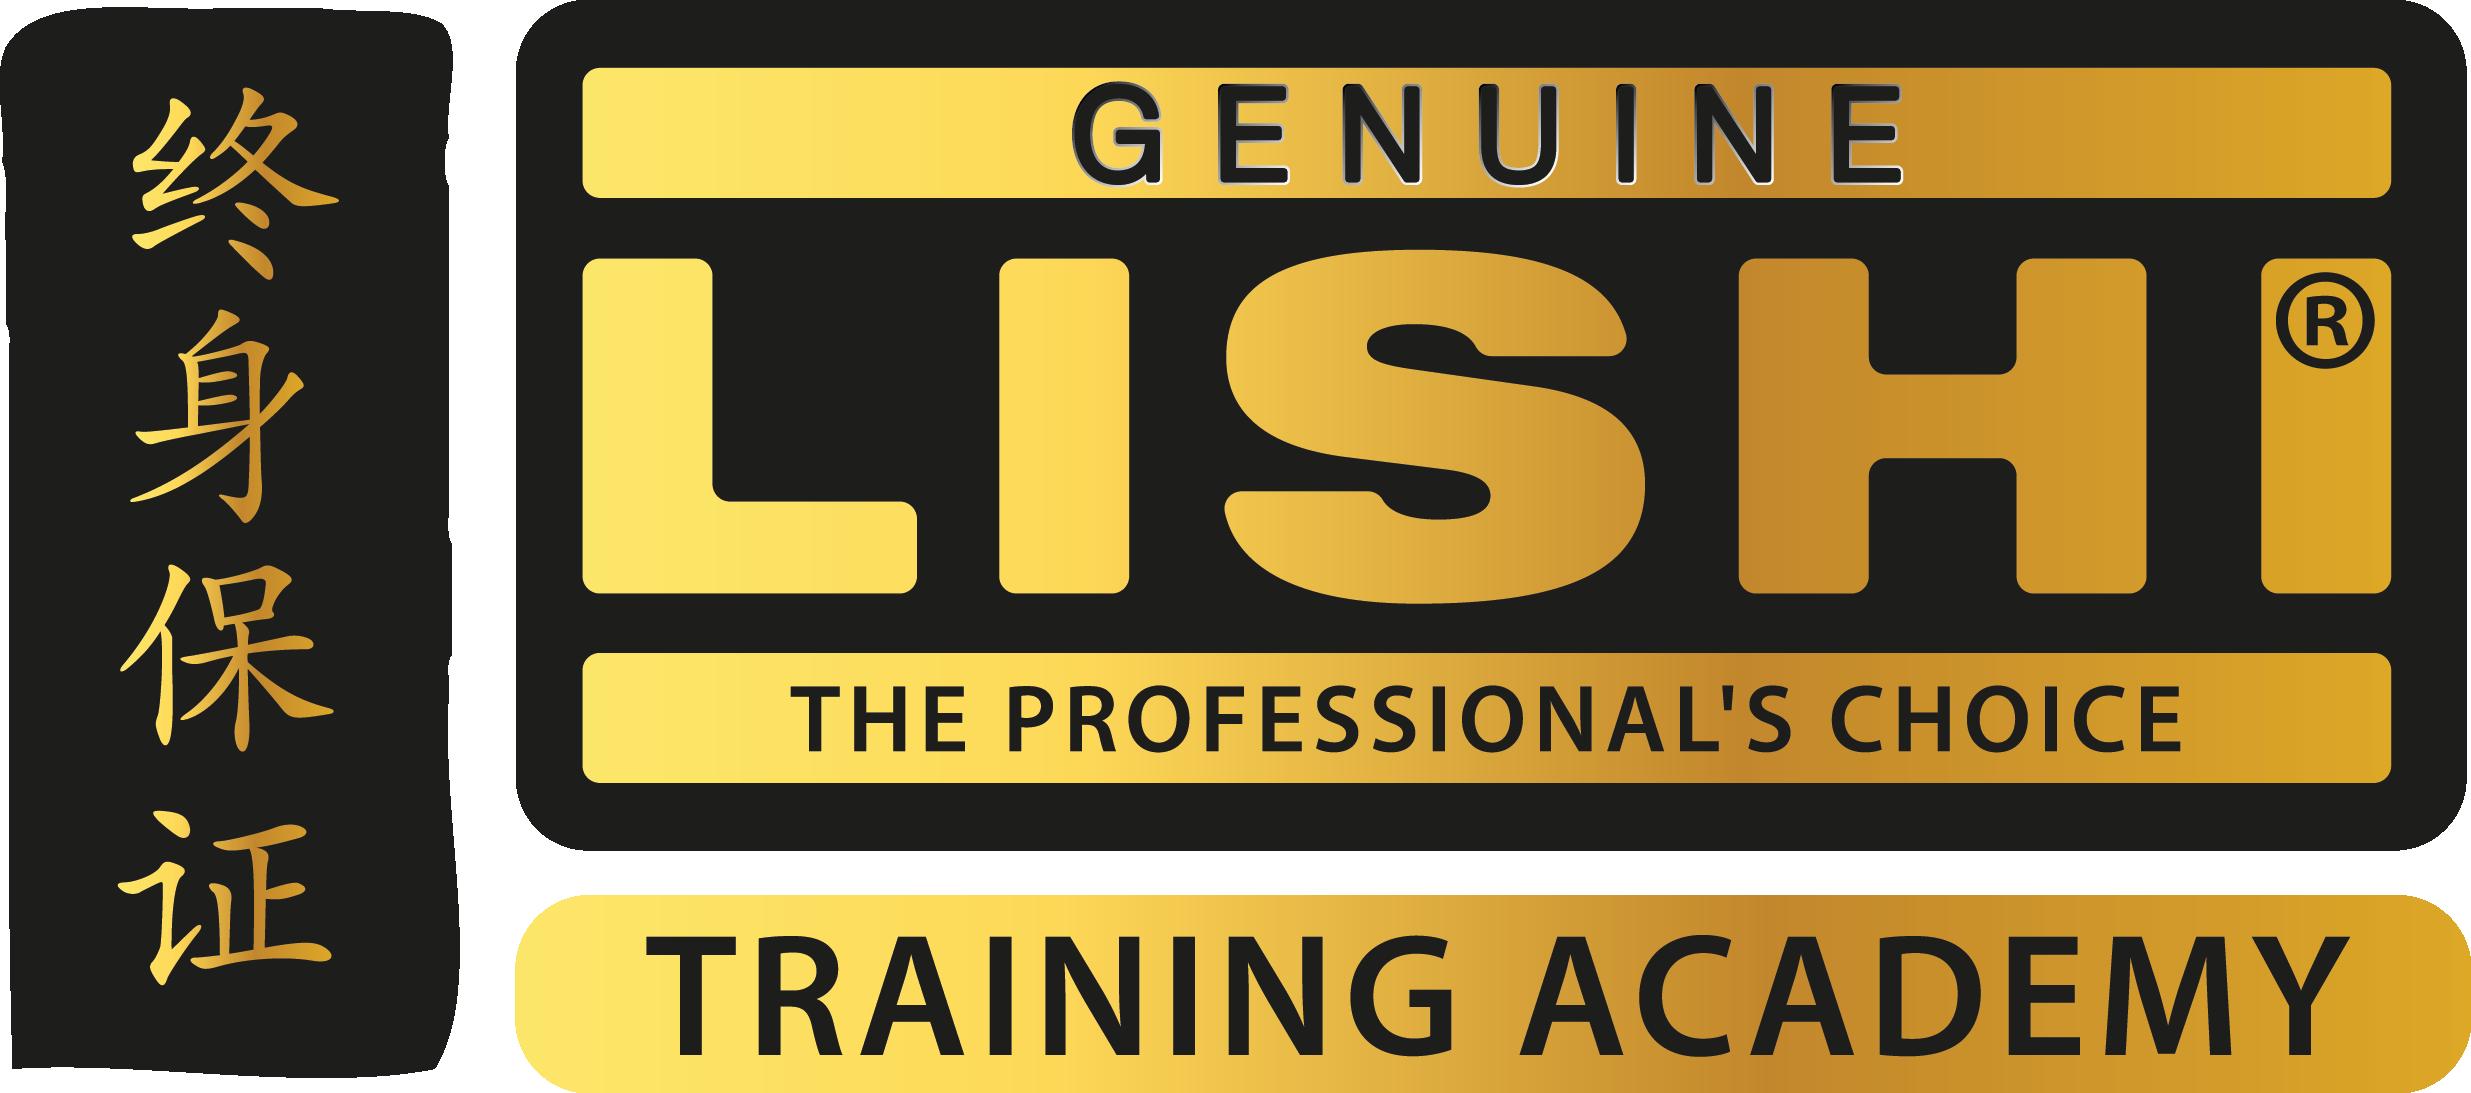 Genuine Lishi Training Academy